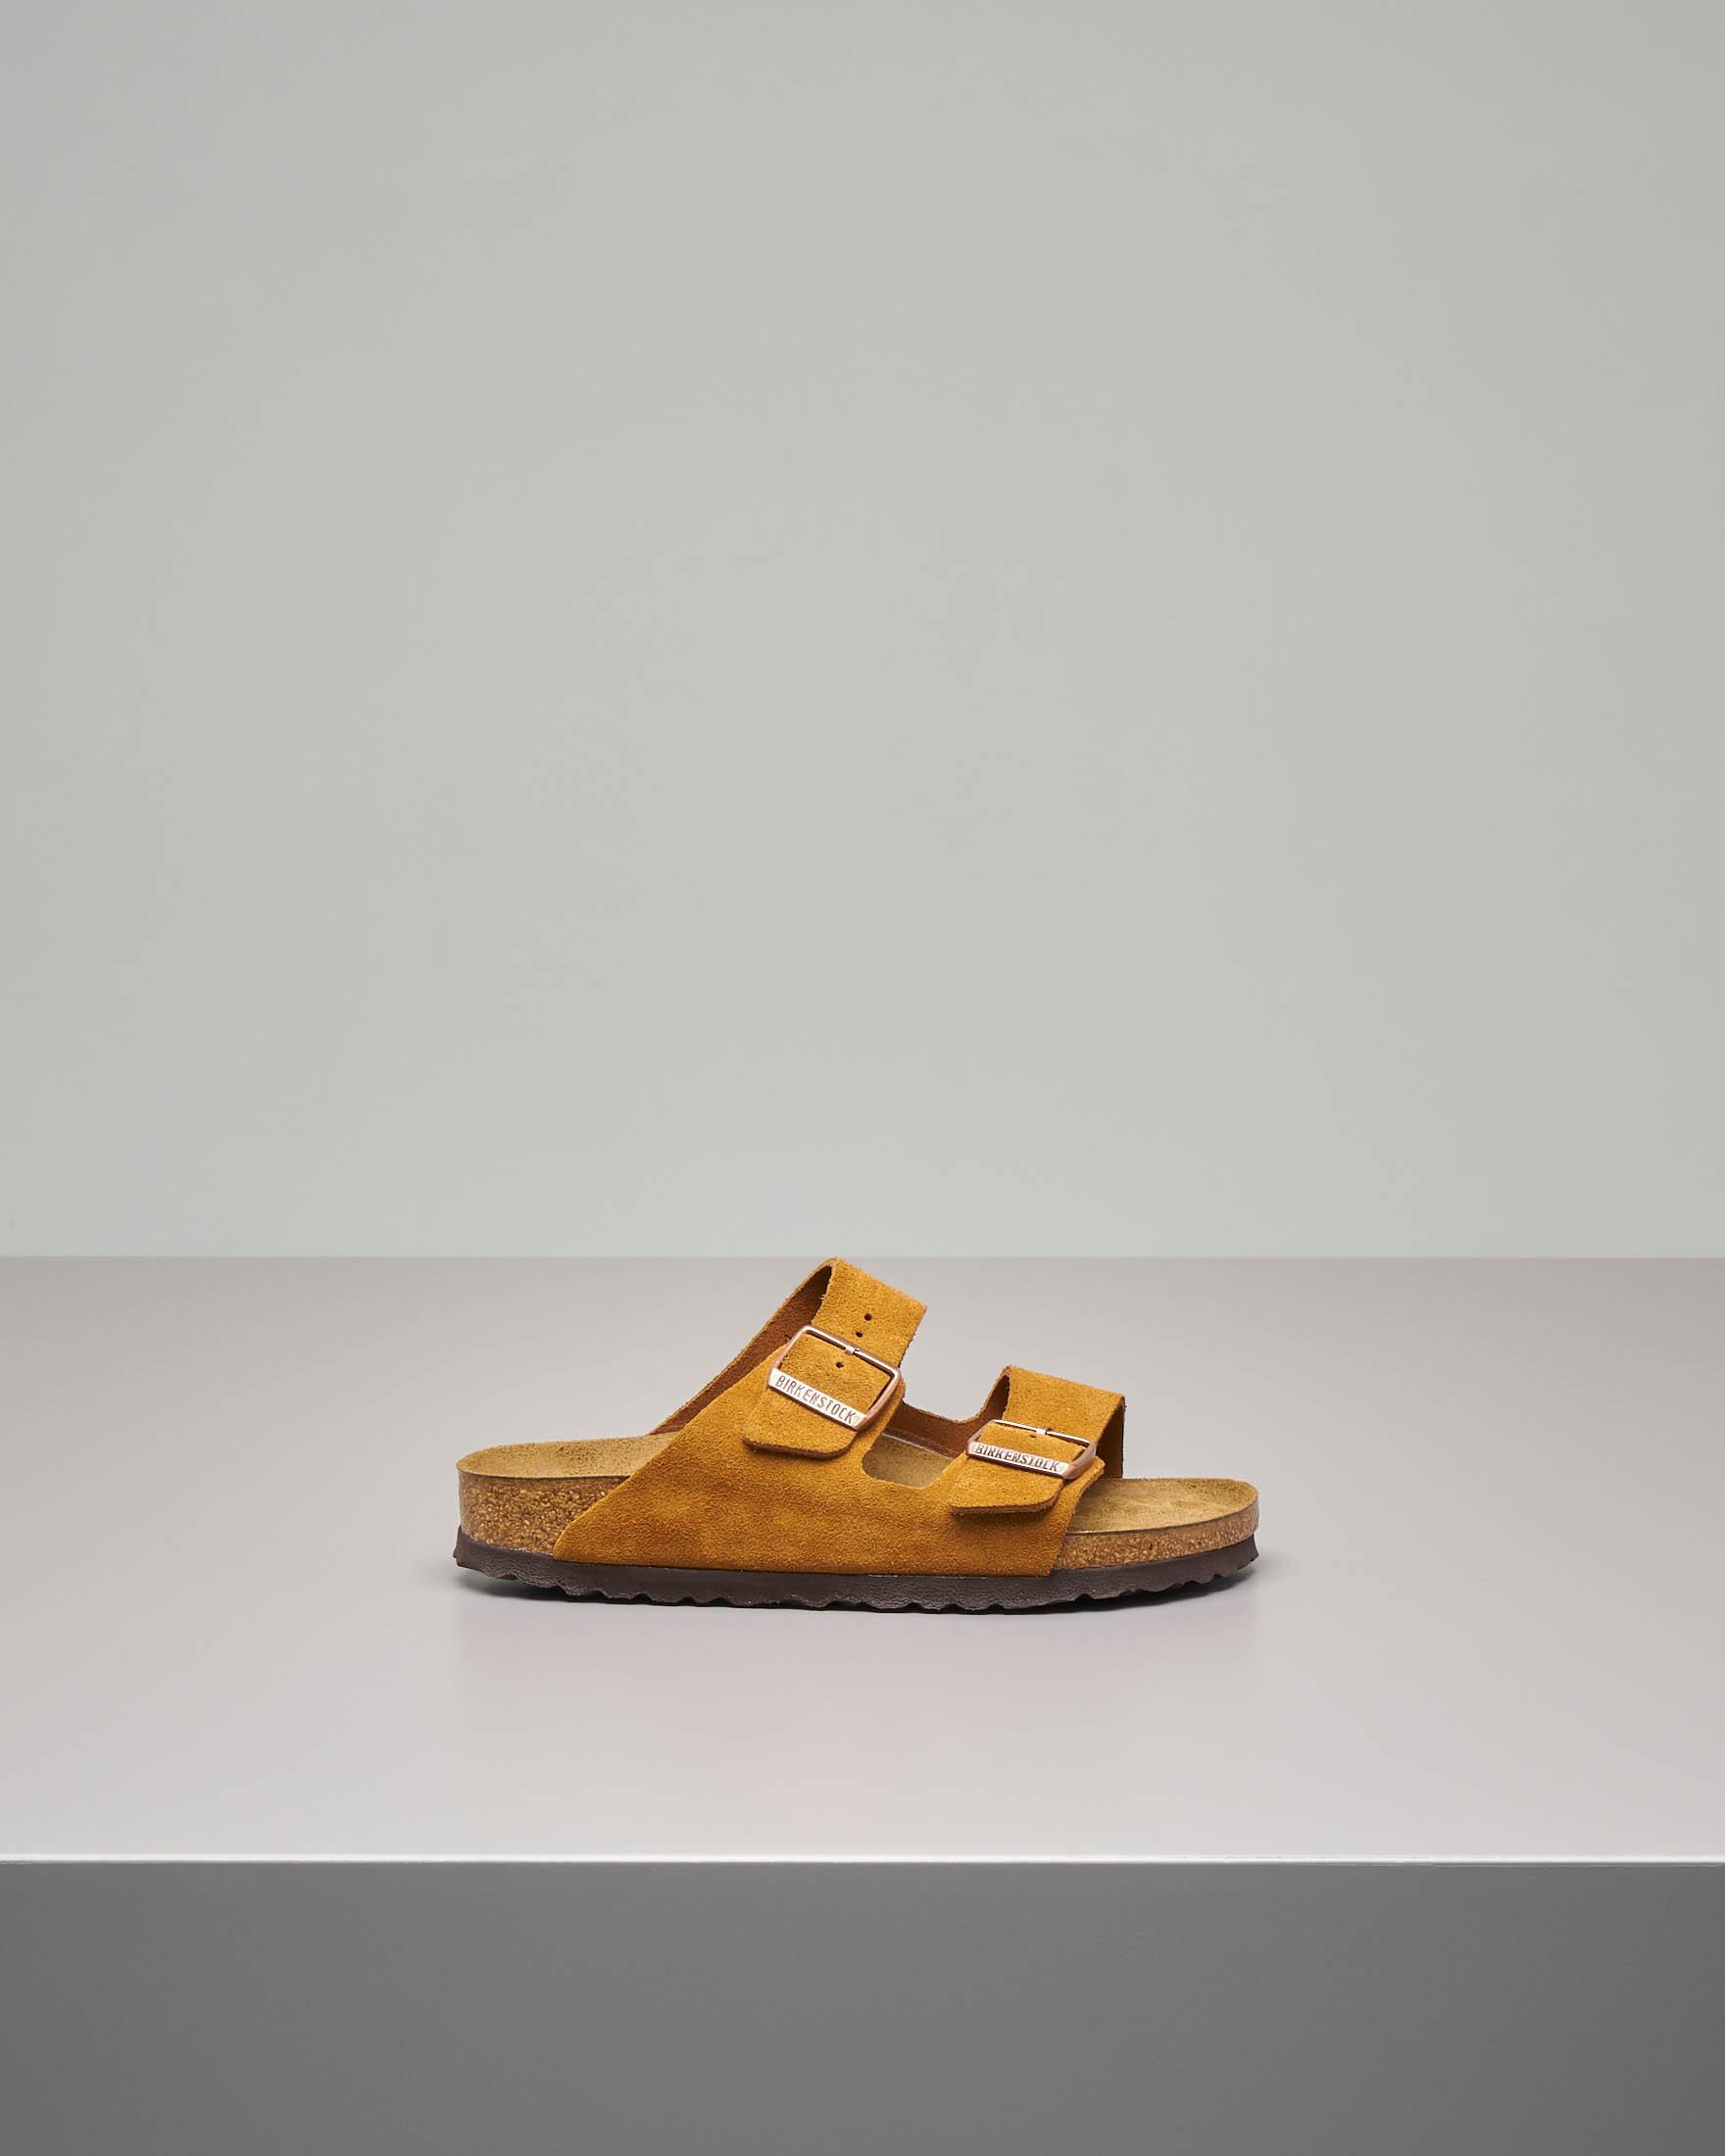 Sandalo Arizona soft in pelle scamosciata color cuoio con doppia fascetta